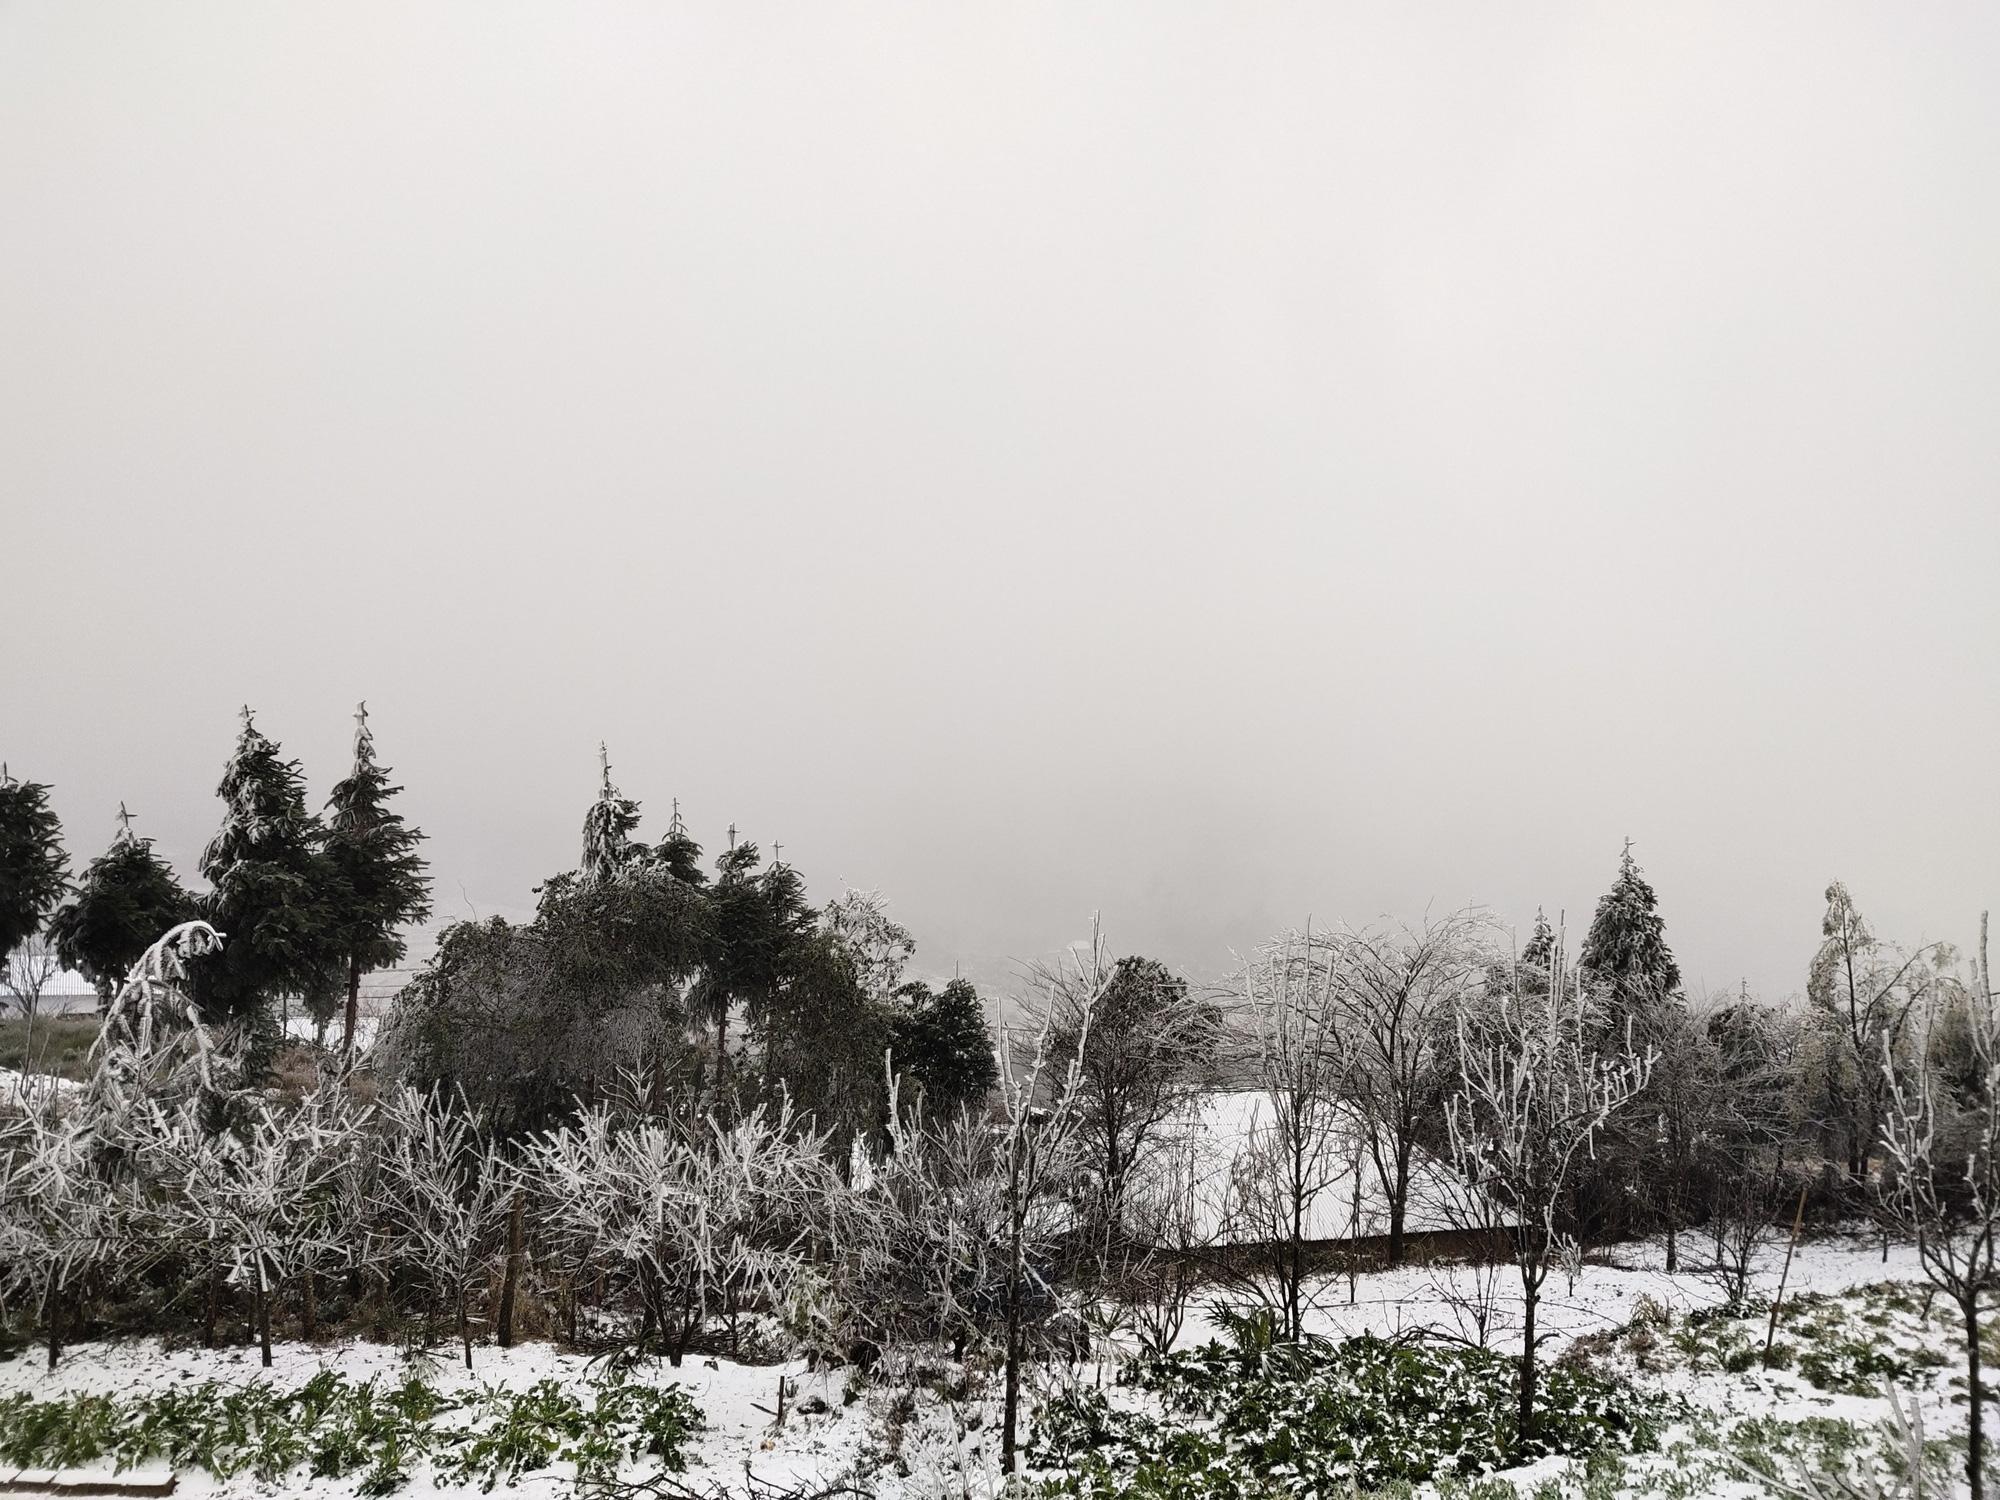 Tuyết rơi dày đặc ở Y Tý, cảnh vật phủ màu trắng xóa như trời Âu